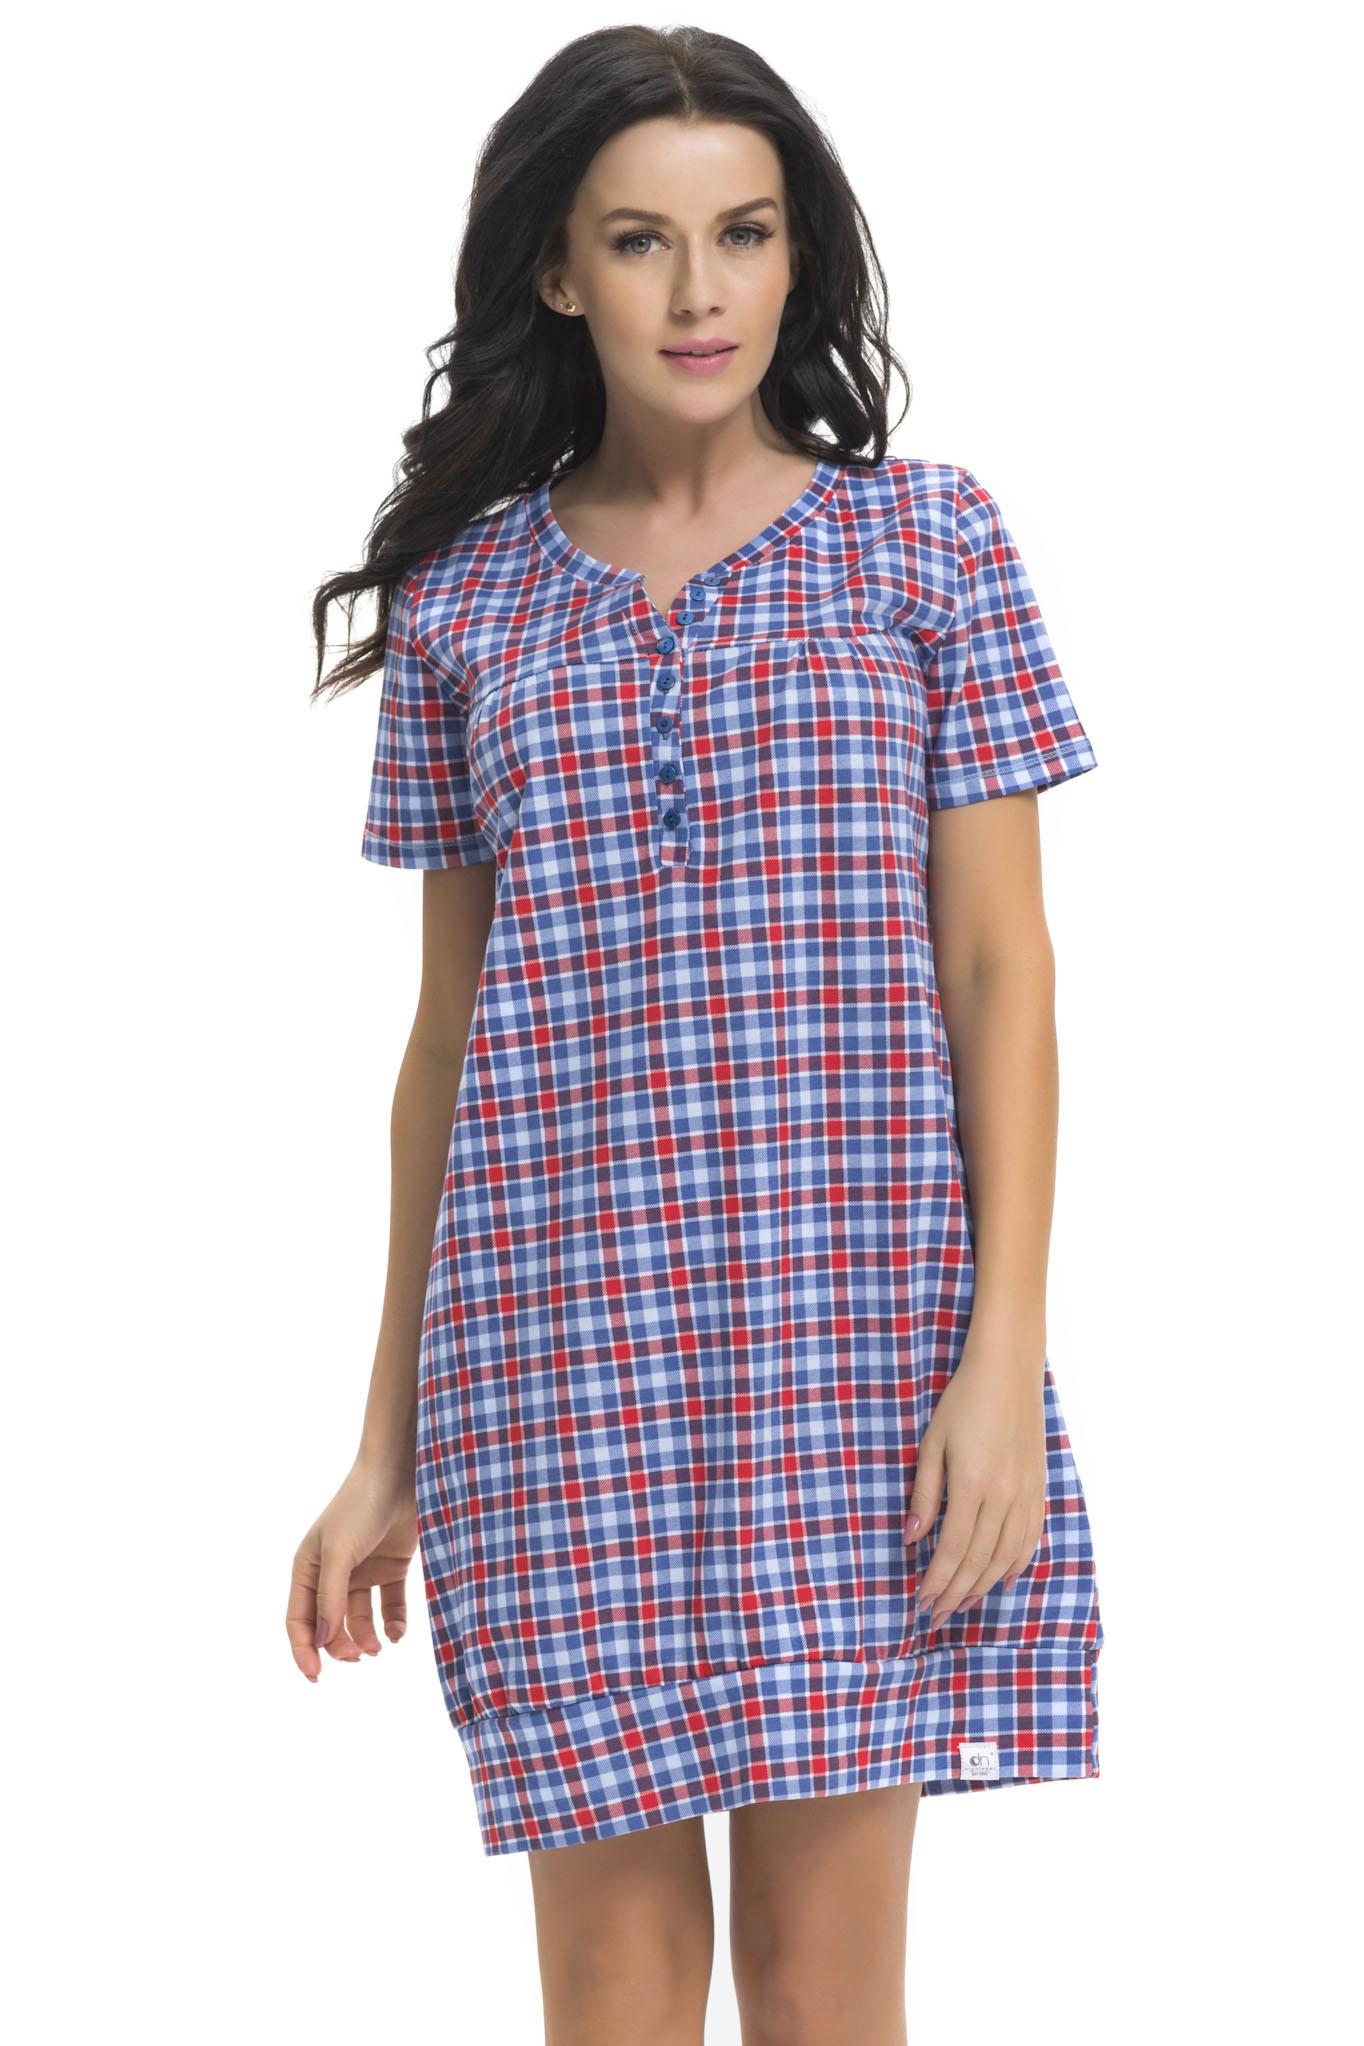 b286d14f884 Dámská bavlněná noční košile Carrie vzor káro - ELEGANT.cz